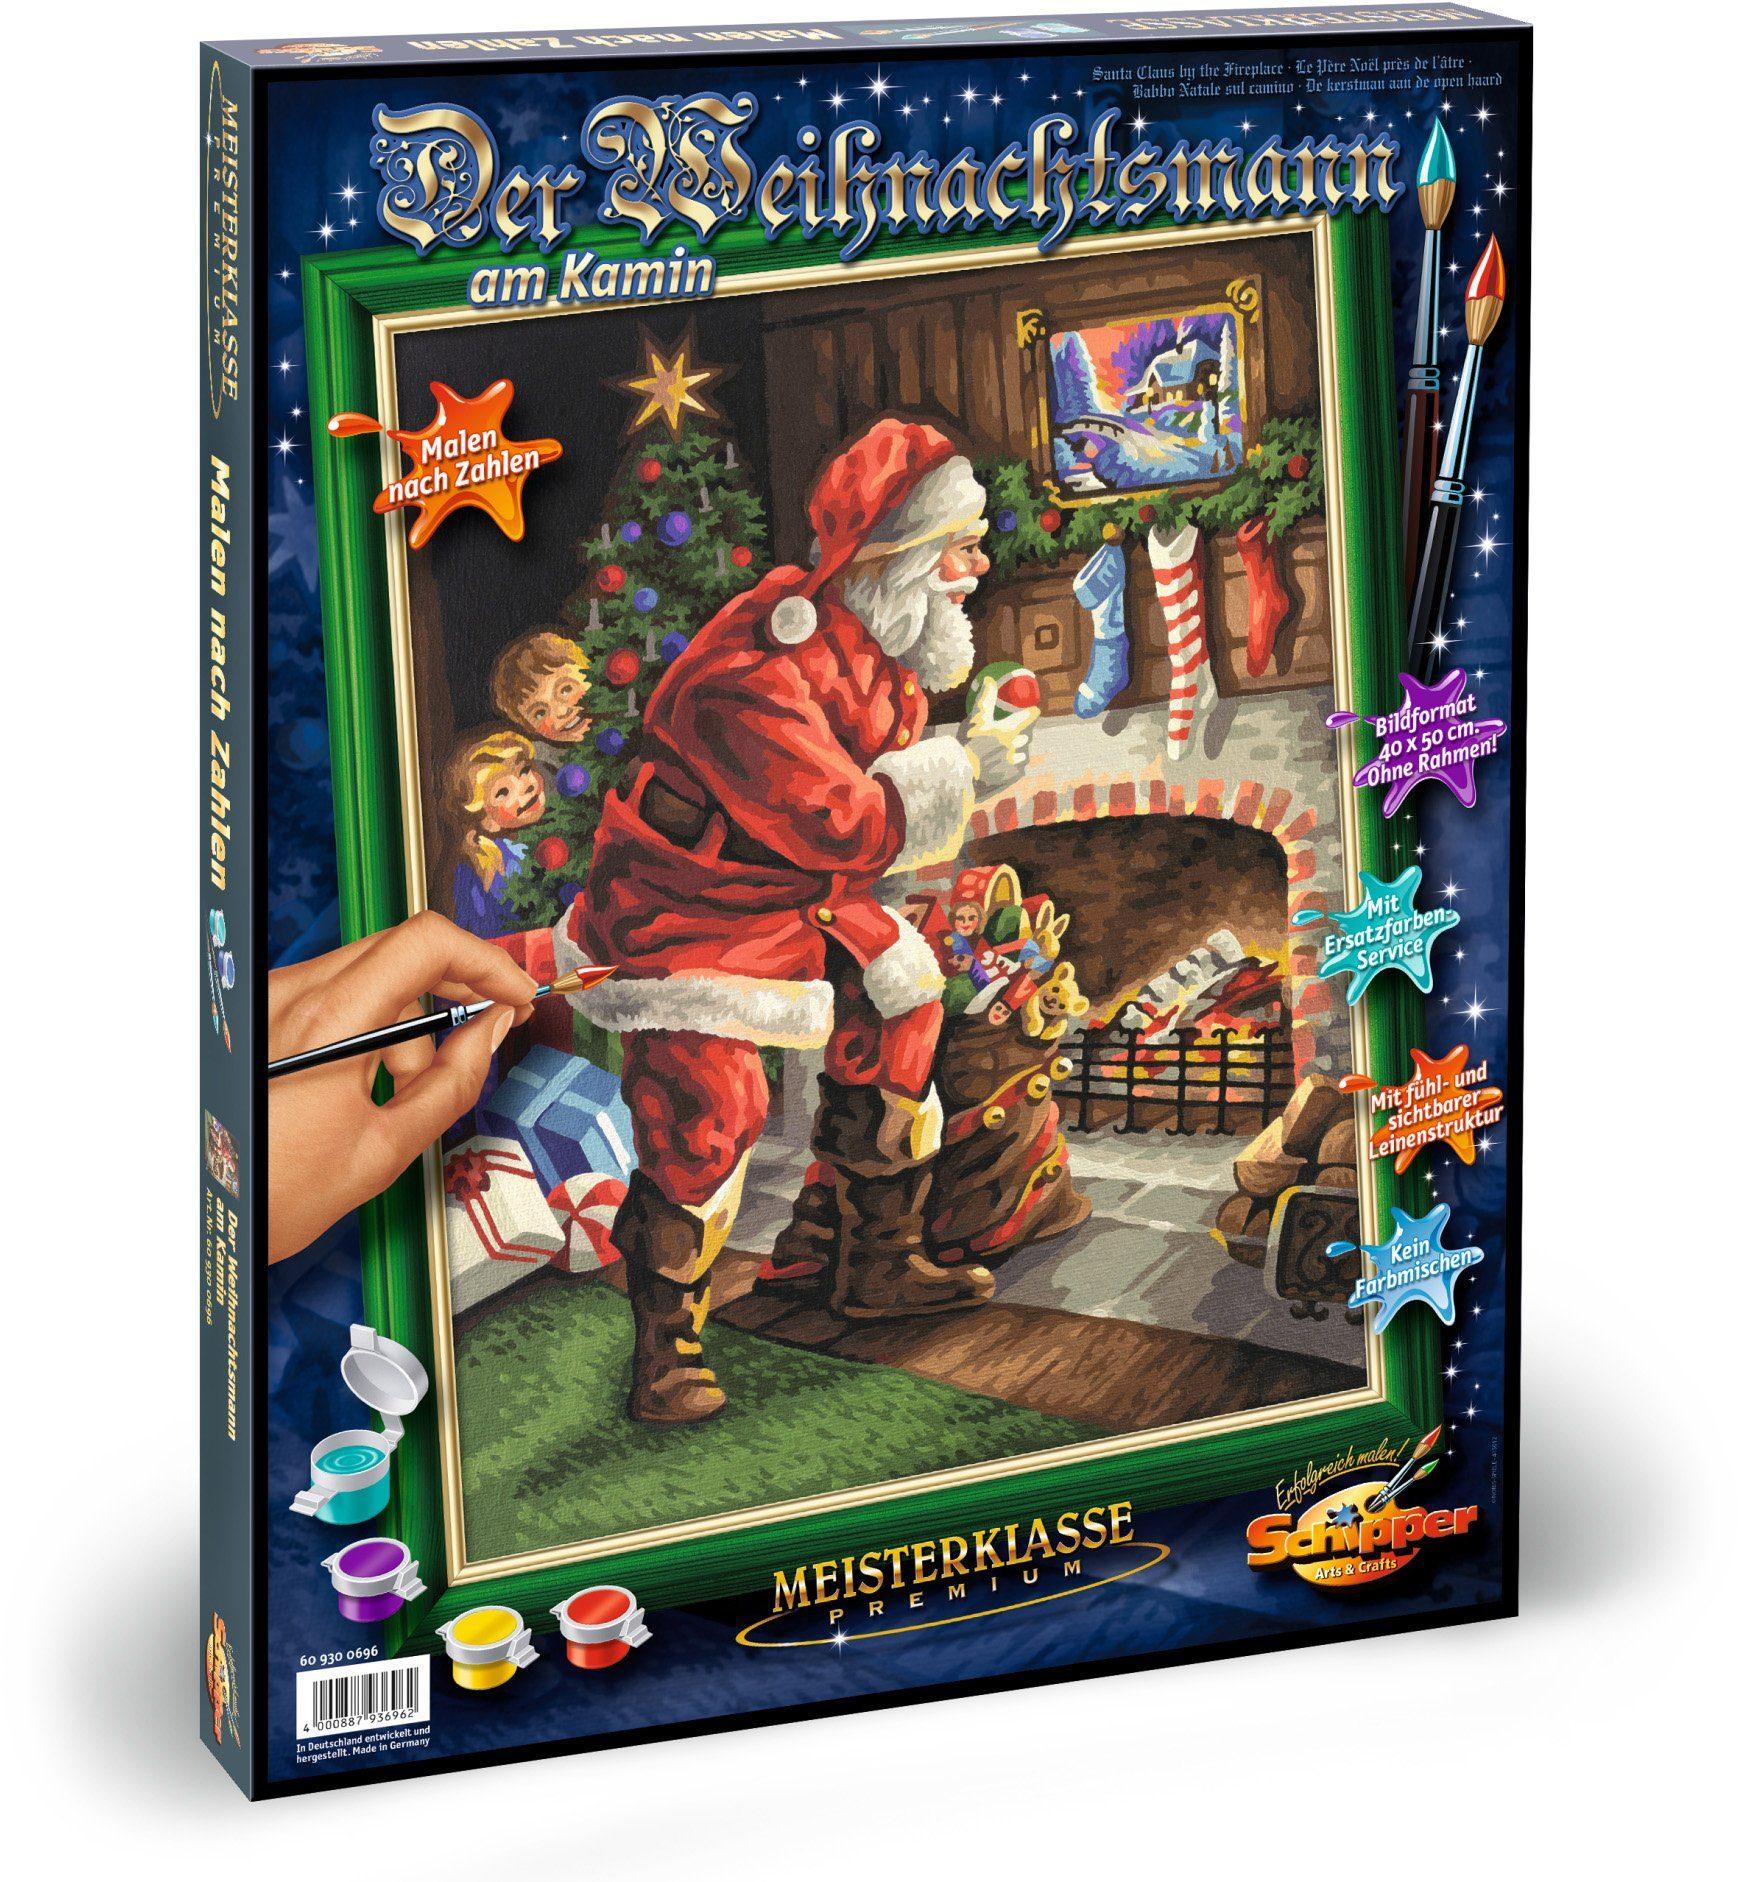 Schipper, Malen nach Zahlen, »Meisterklasse Premium Weihnachtsmann am Kamin«